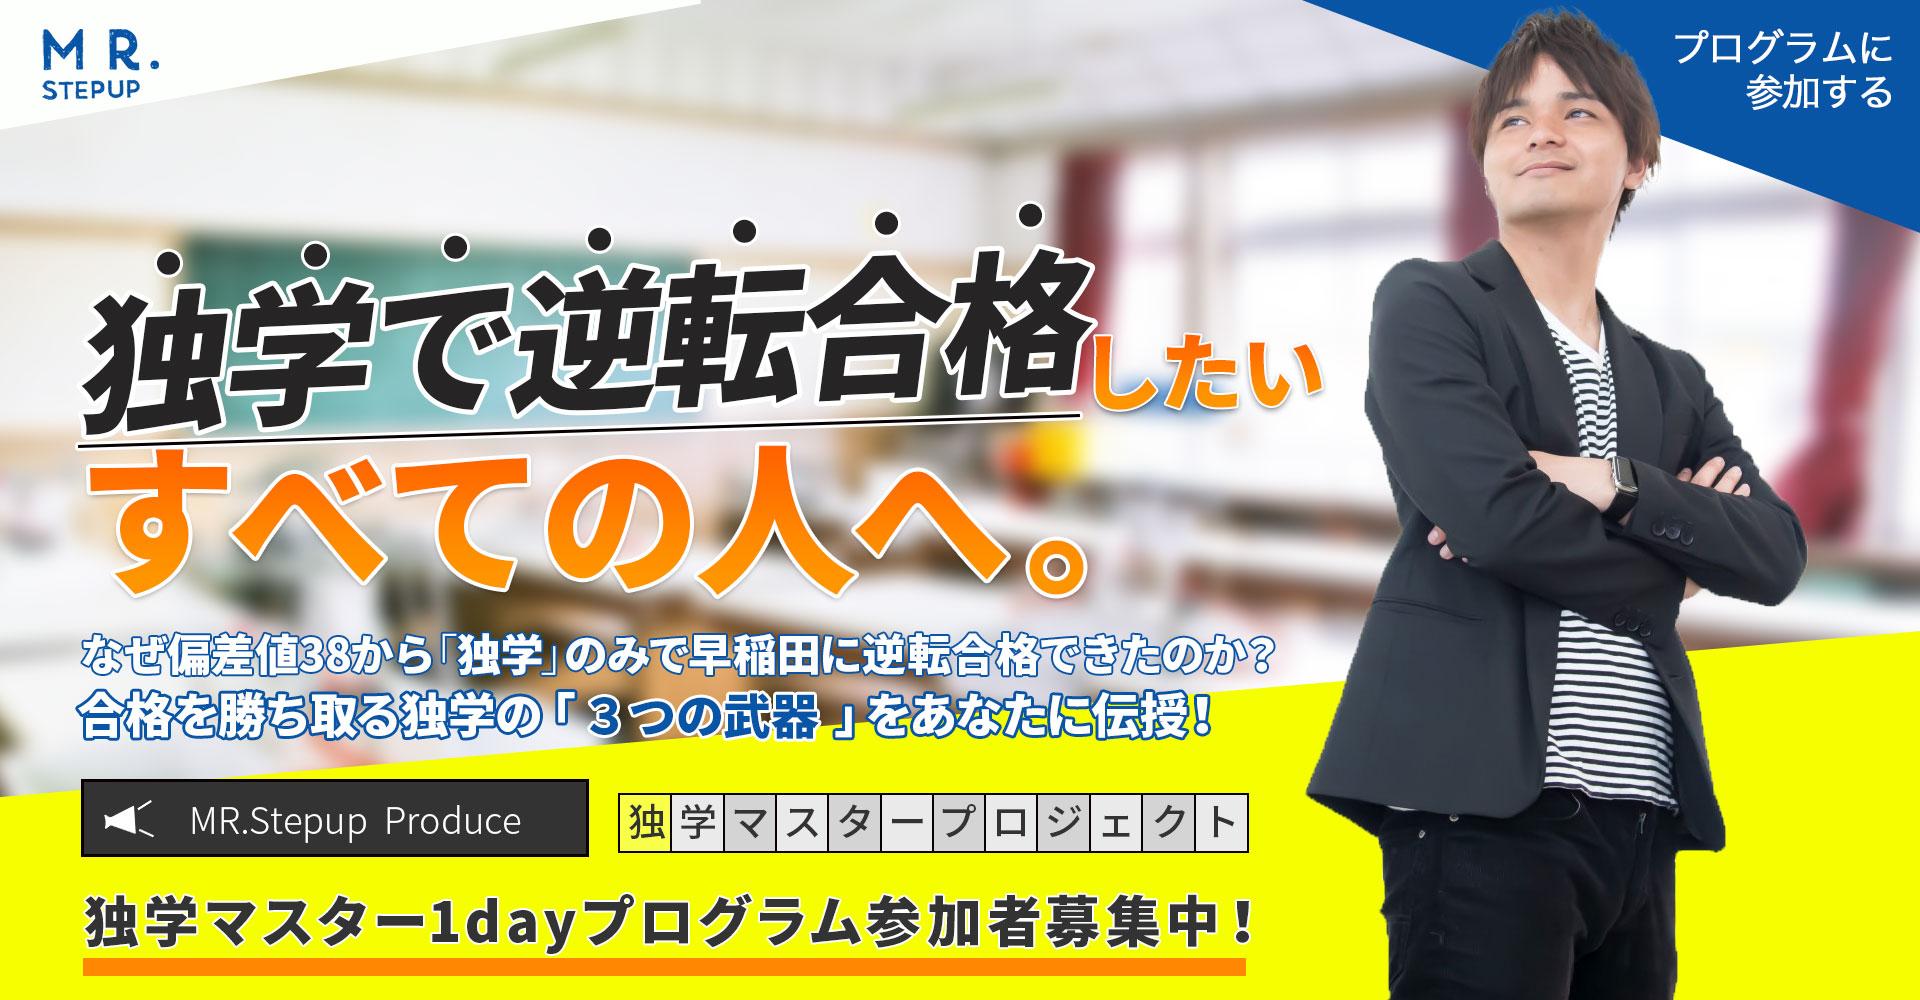 4/21(土)独学マスター1Dayプログラム